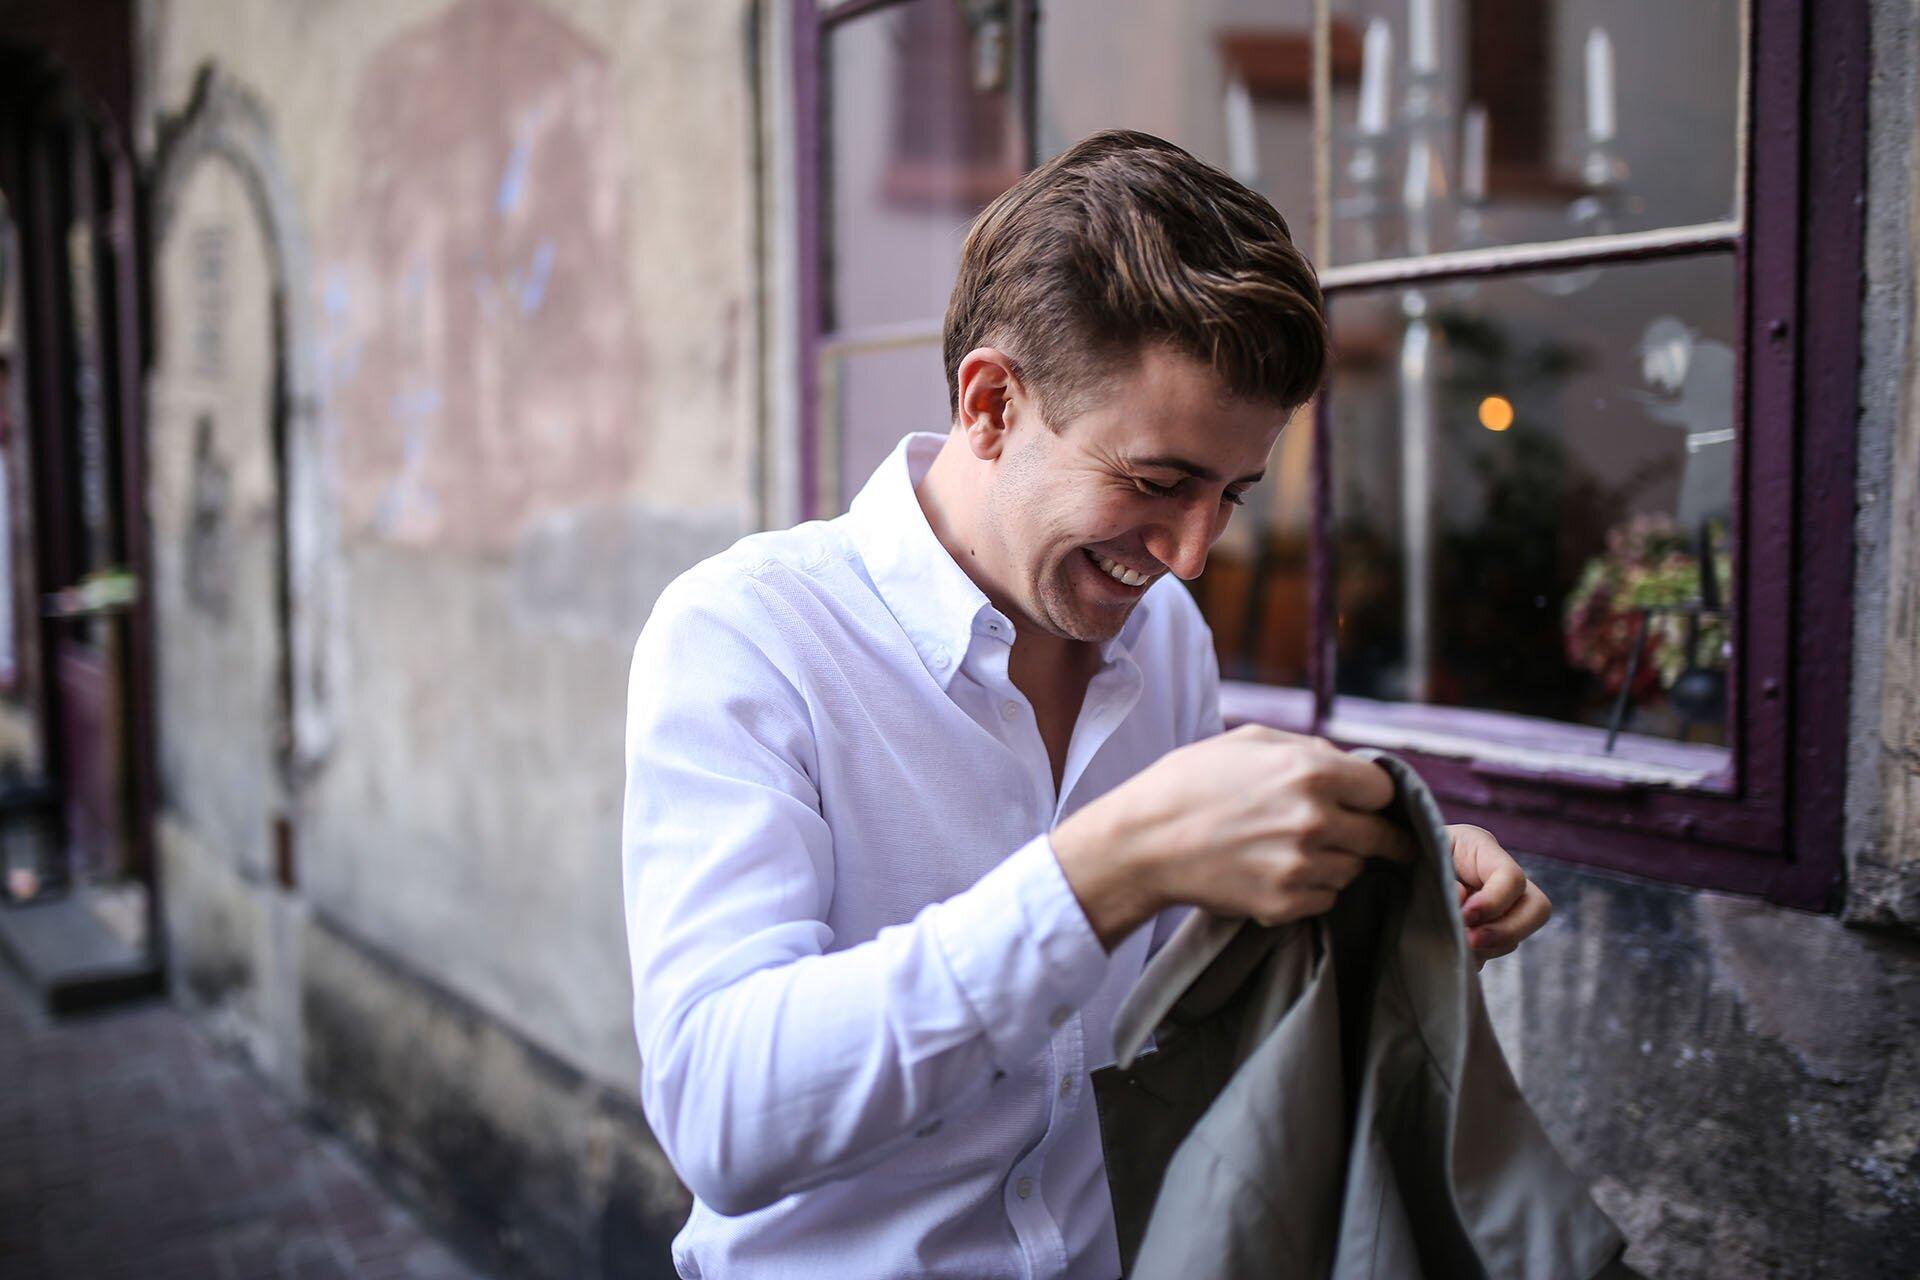 Trencz męski, Męskie kurtki jesienne, Męskie klasyki, Elegancki trencz, Trencz na jesień, Trencz na wiosnę, Blog o modzie męskiej, GMALE, Grzegorz Paliś, Trencz Massimo Dutti